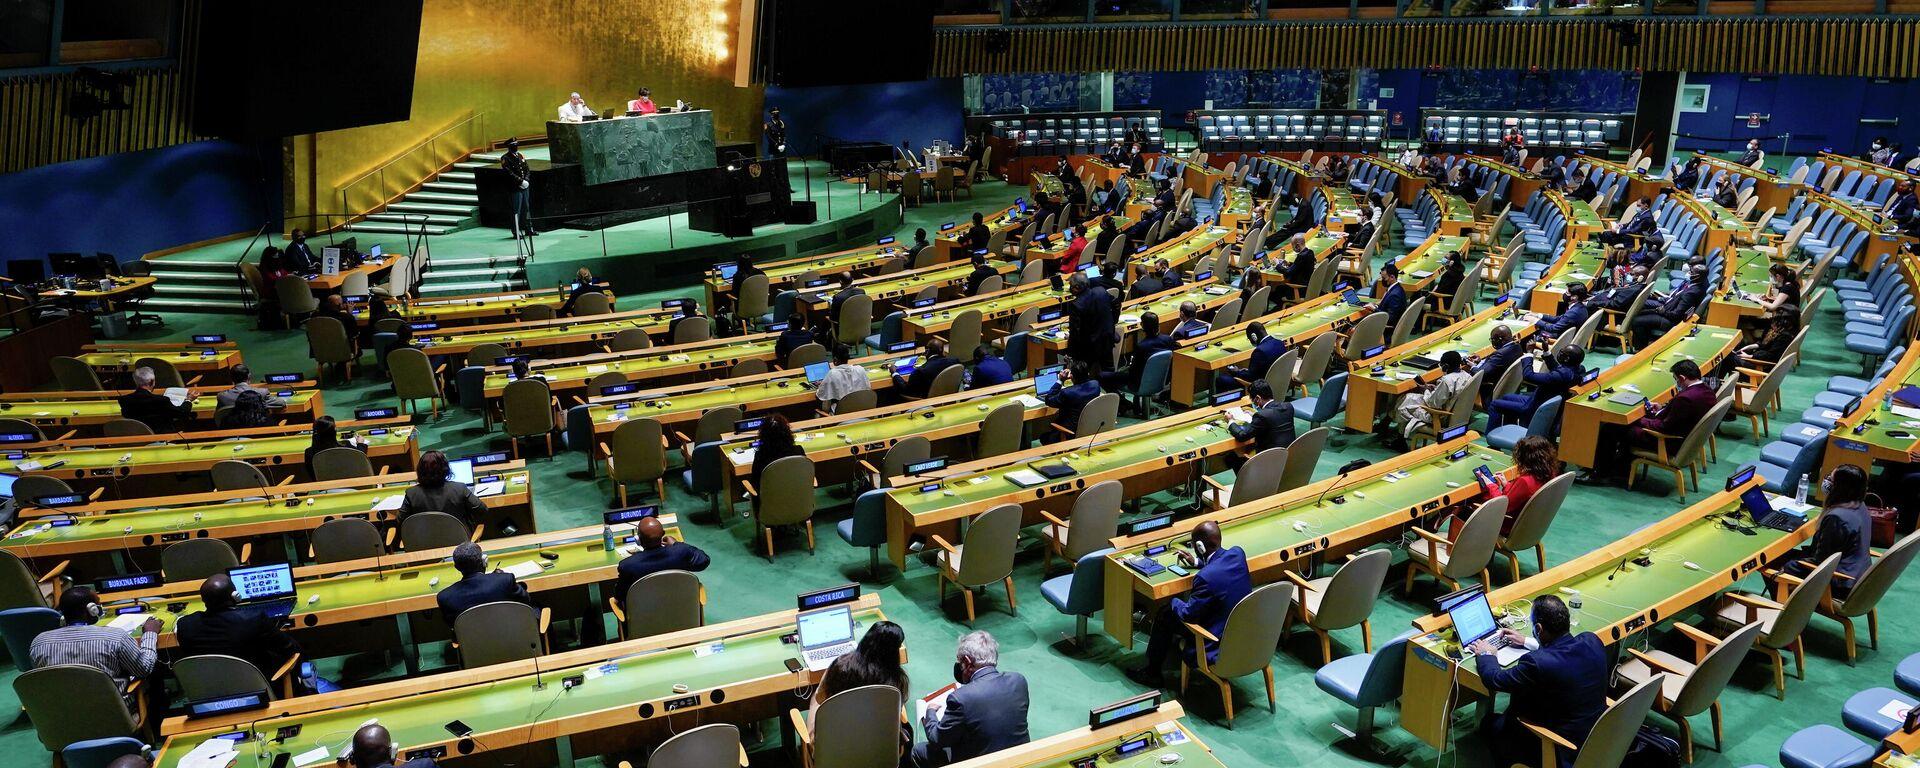 La 76 Sesión de la Asamblea General de la ONU en Nueva York, el 21 de septiembre del 2021 - Sputnik Mundo, 1920, 21.09.2021